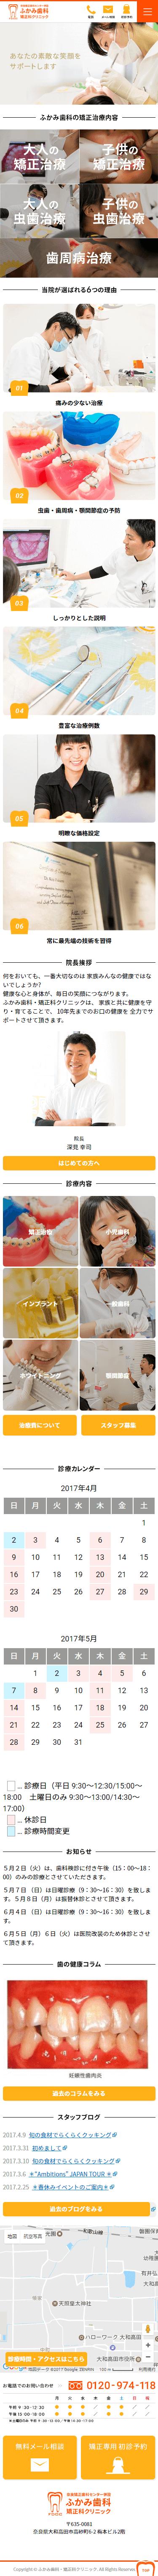 ふかみ歯科・矯正科クリニック様3